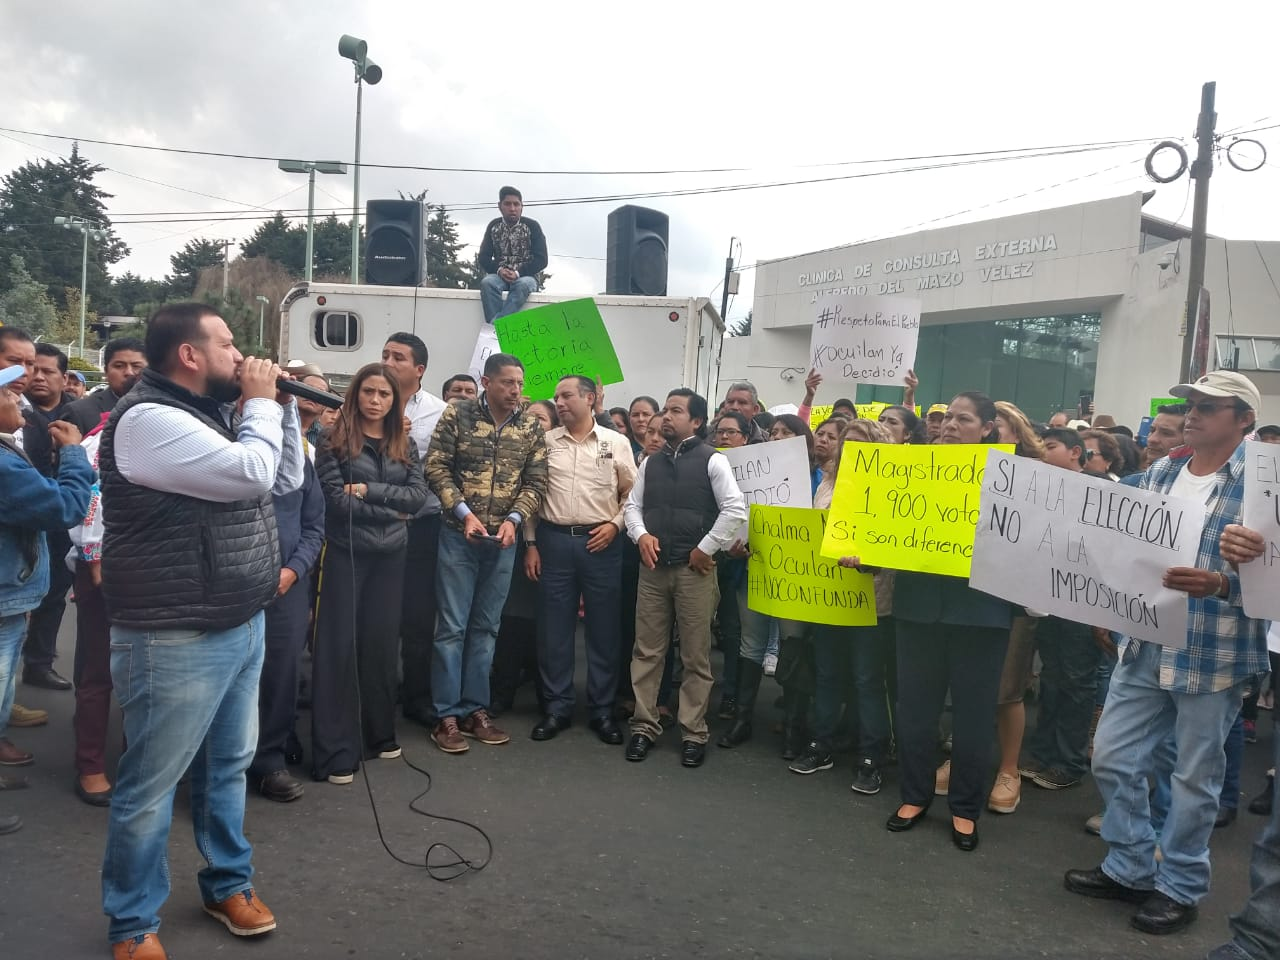 Impugnarán perredistas anulación de elección en Ocuilan y Cocotitlán